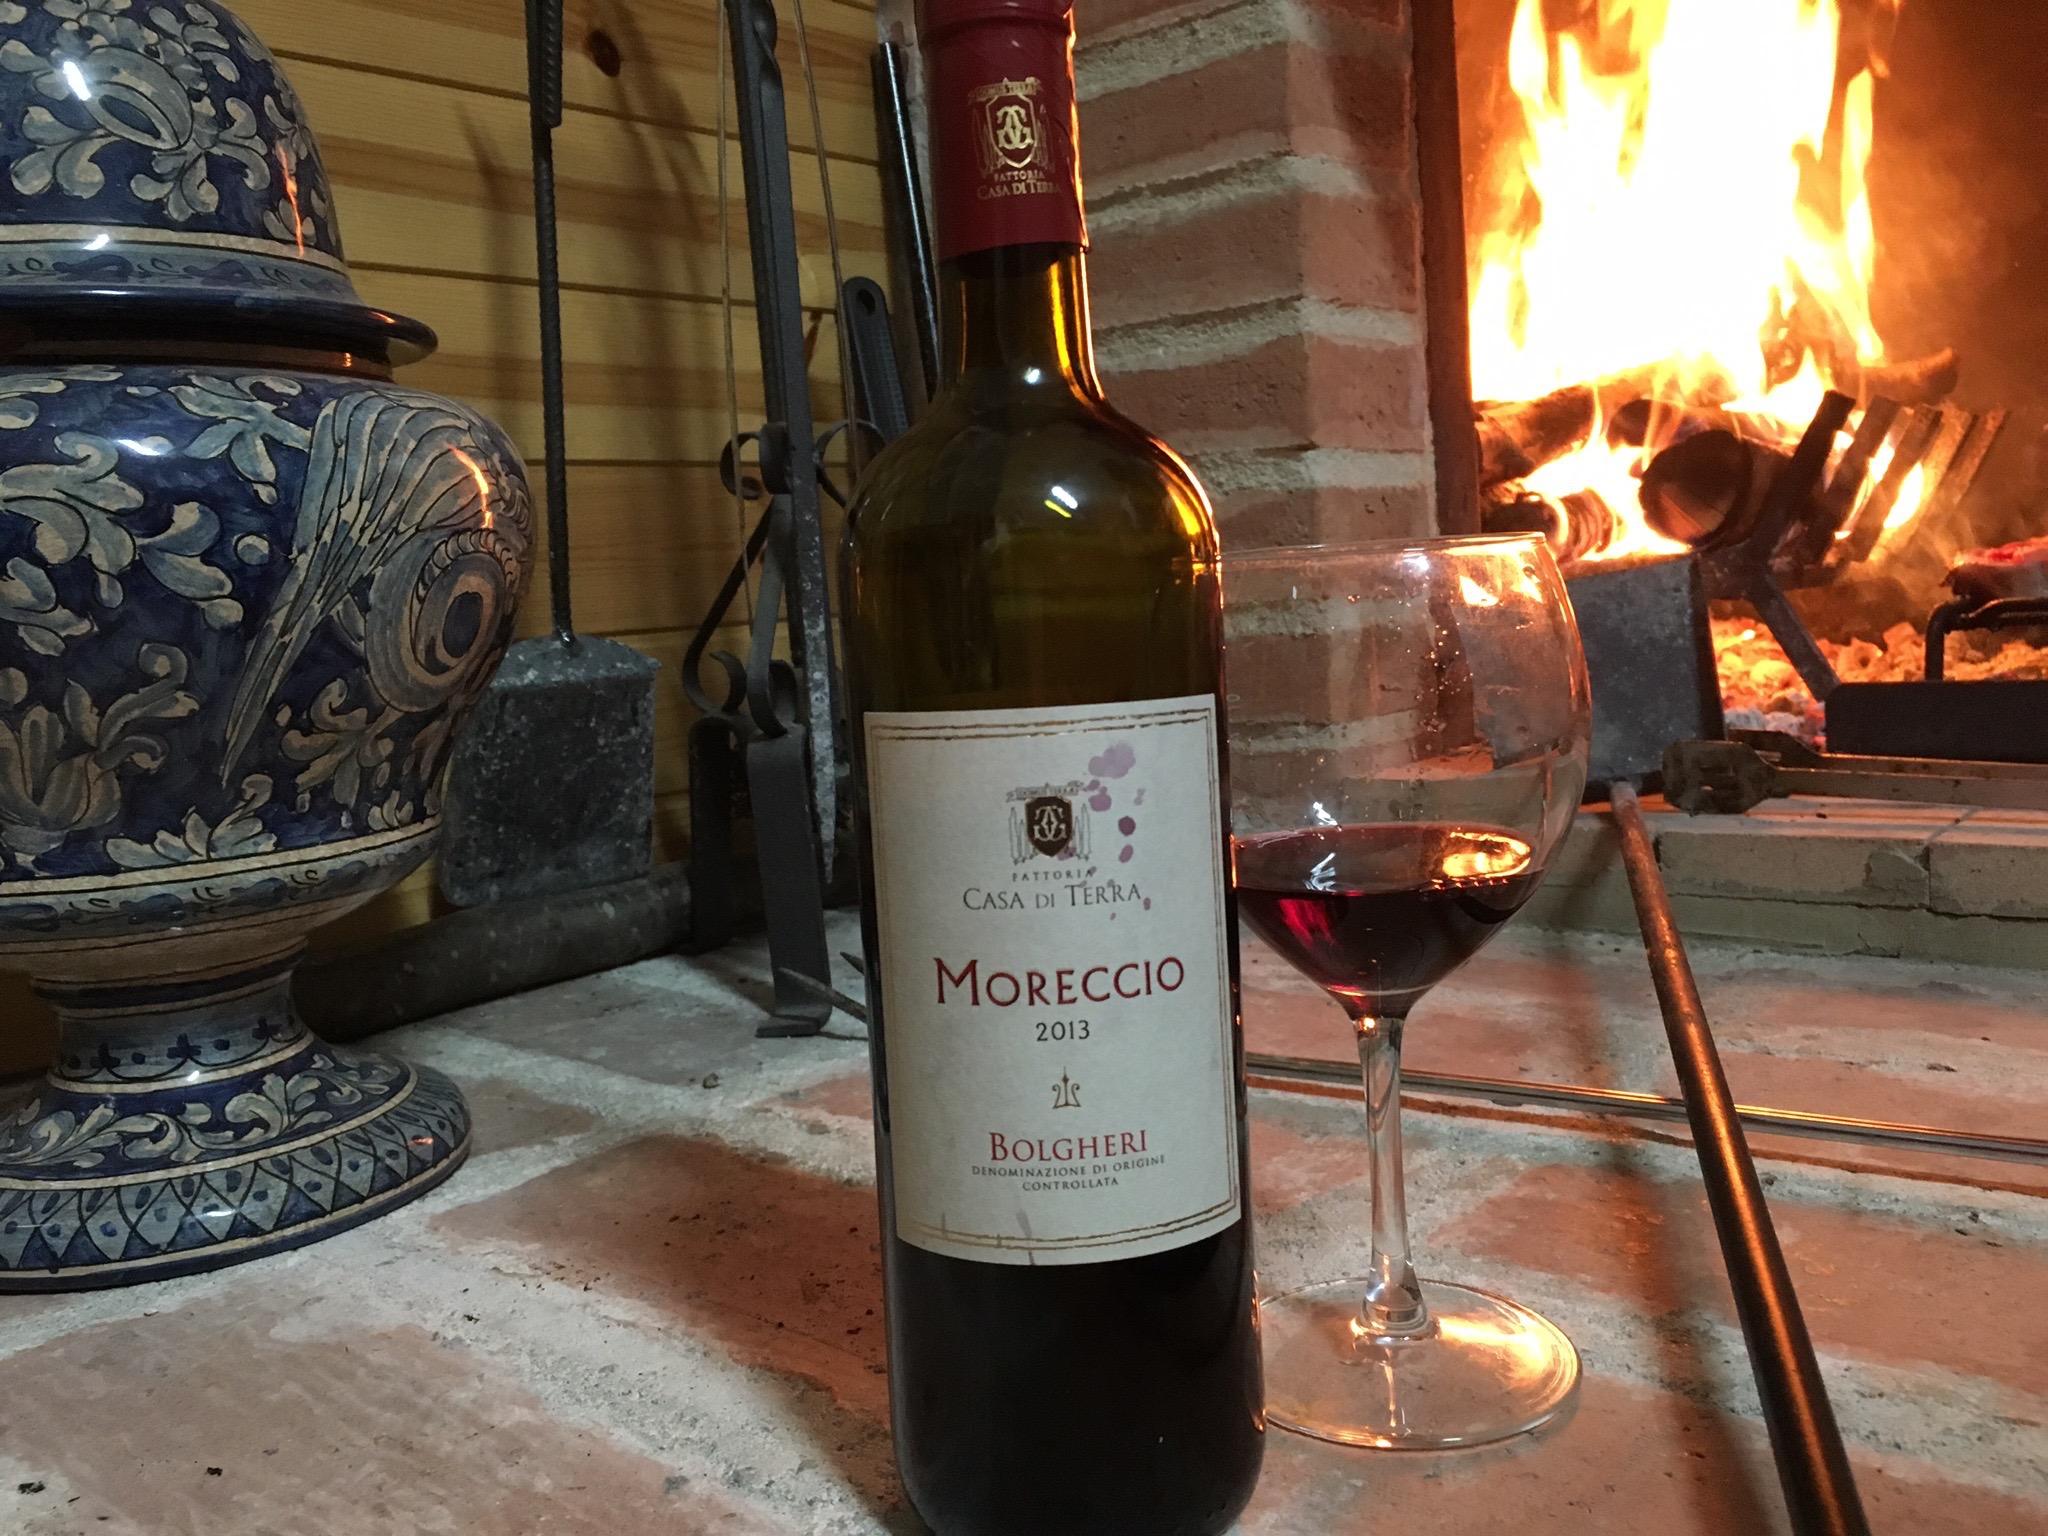 Moreccio 2013